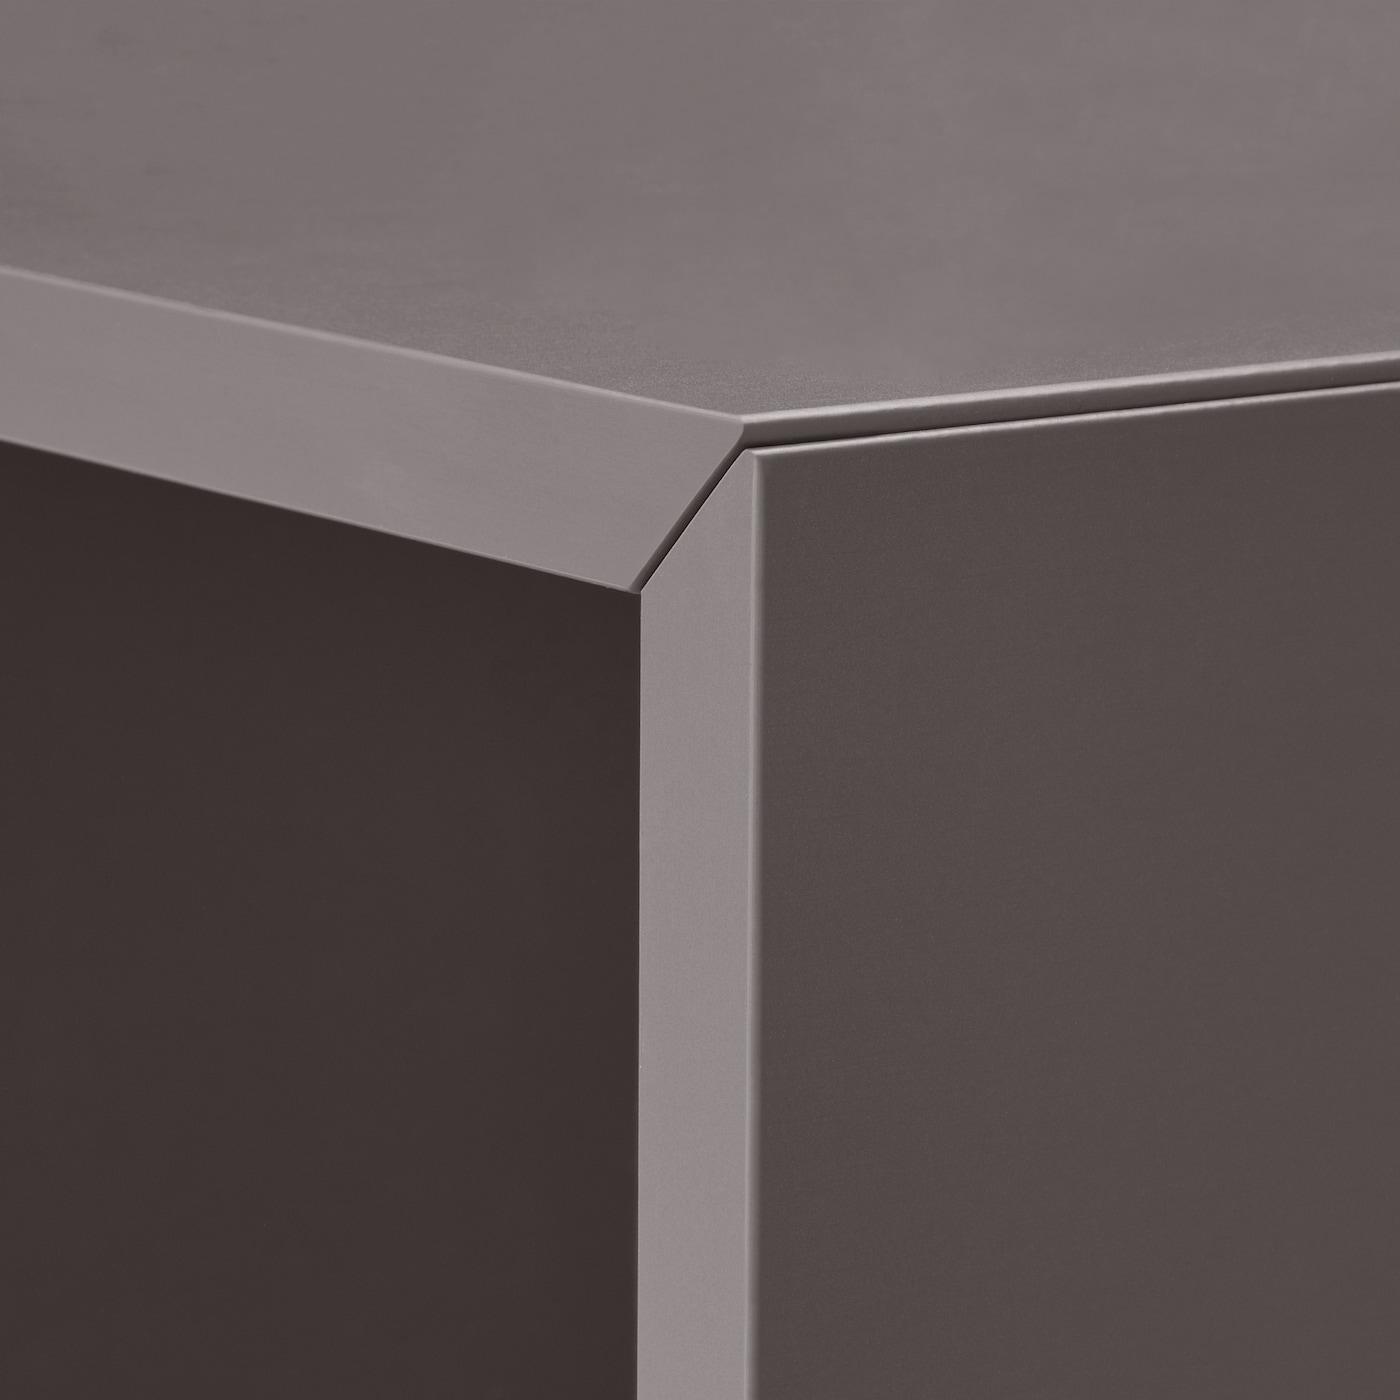 EKET szekrény sszürke 35 cm 35 cm 35 cm 7 kg